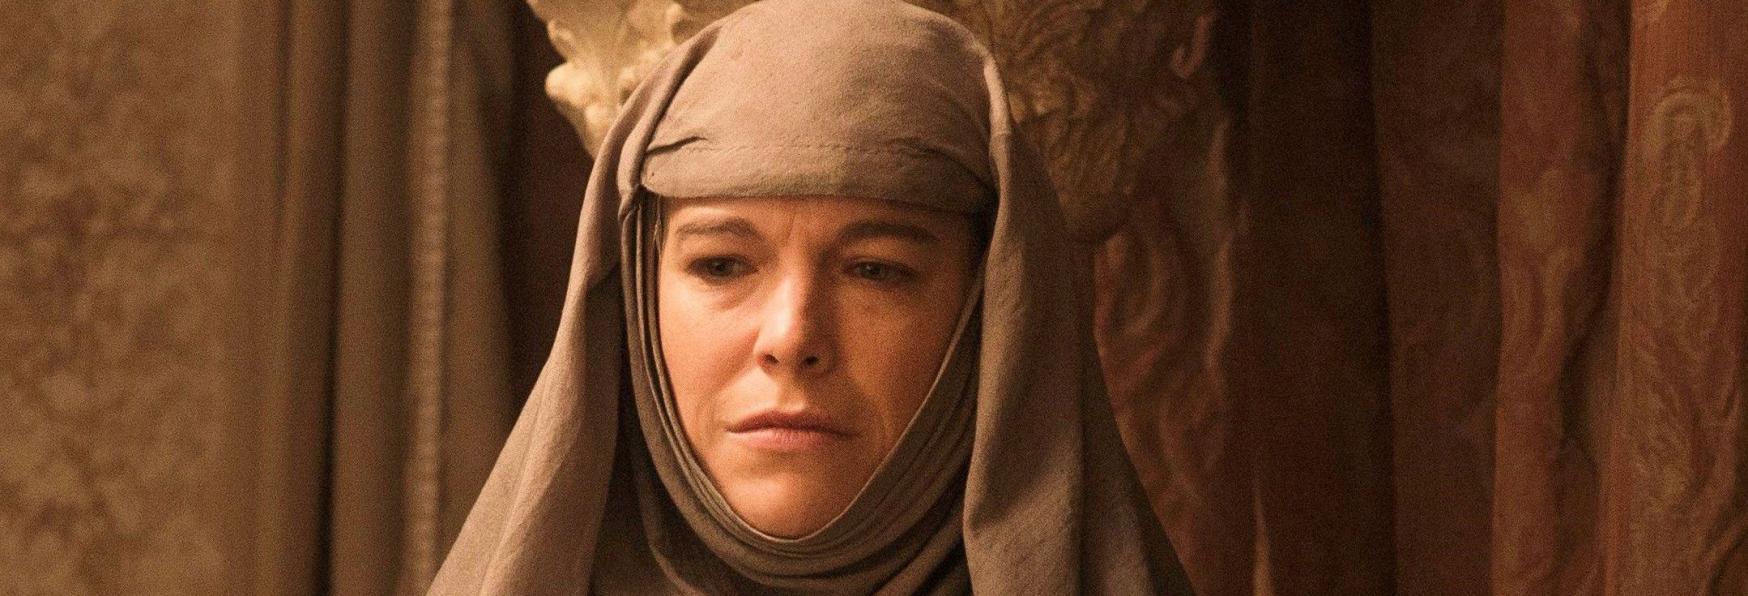 Game of Thrones: il Malcontento del Pubblico ha portato a una Modifica della Trama